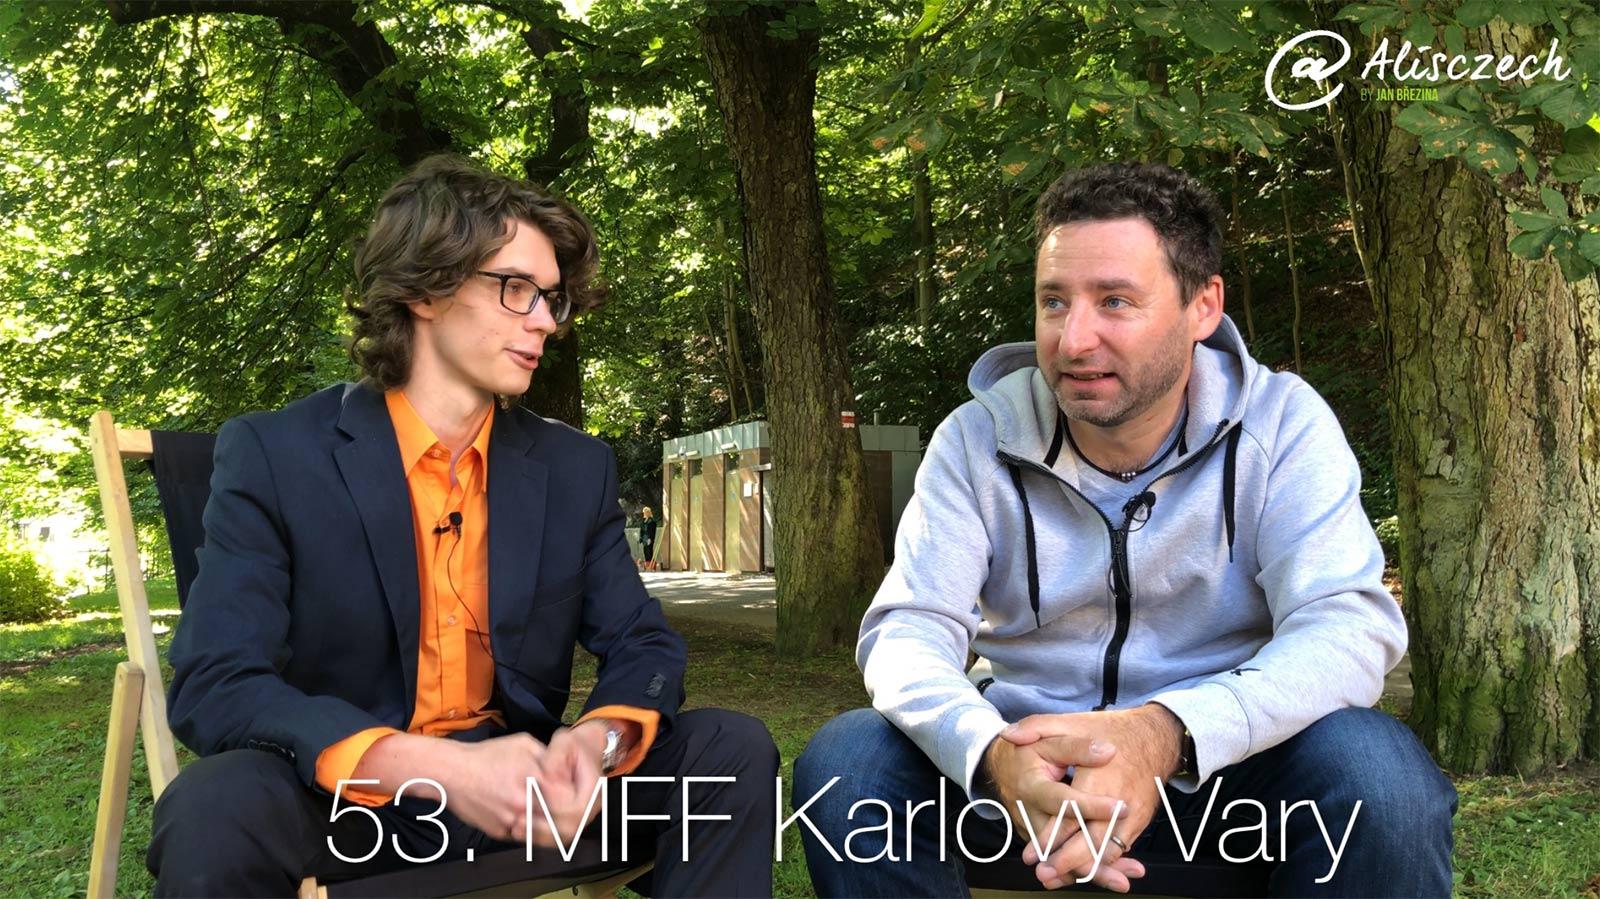 53. MFF Karlovy Vary